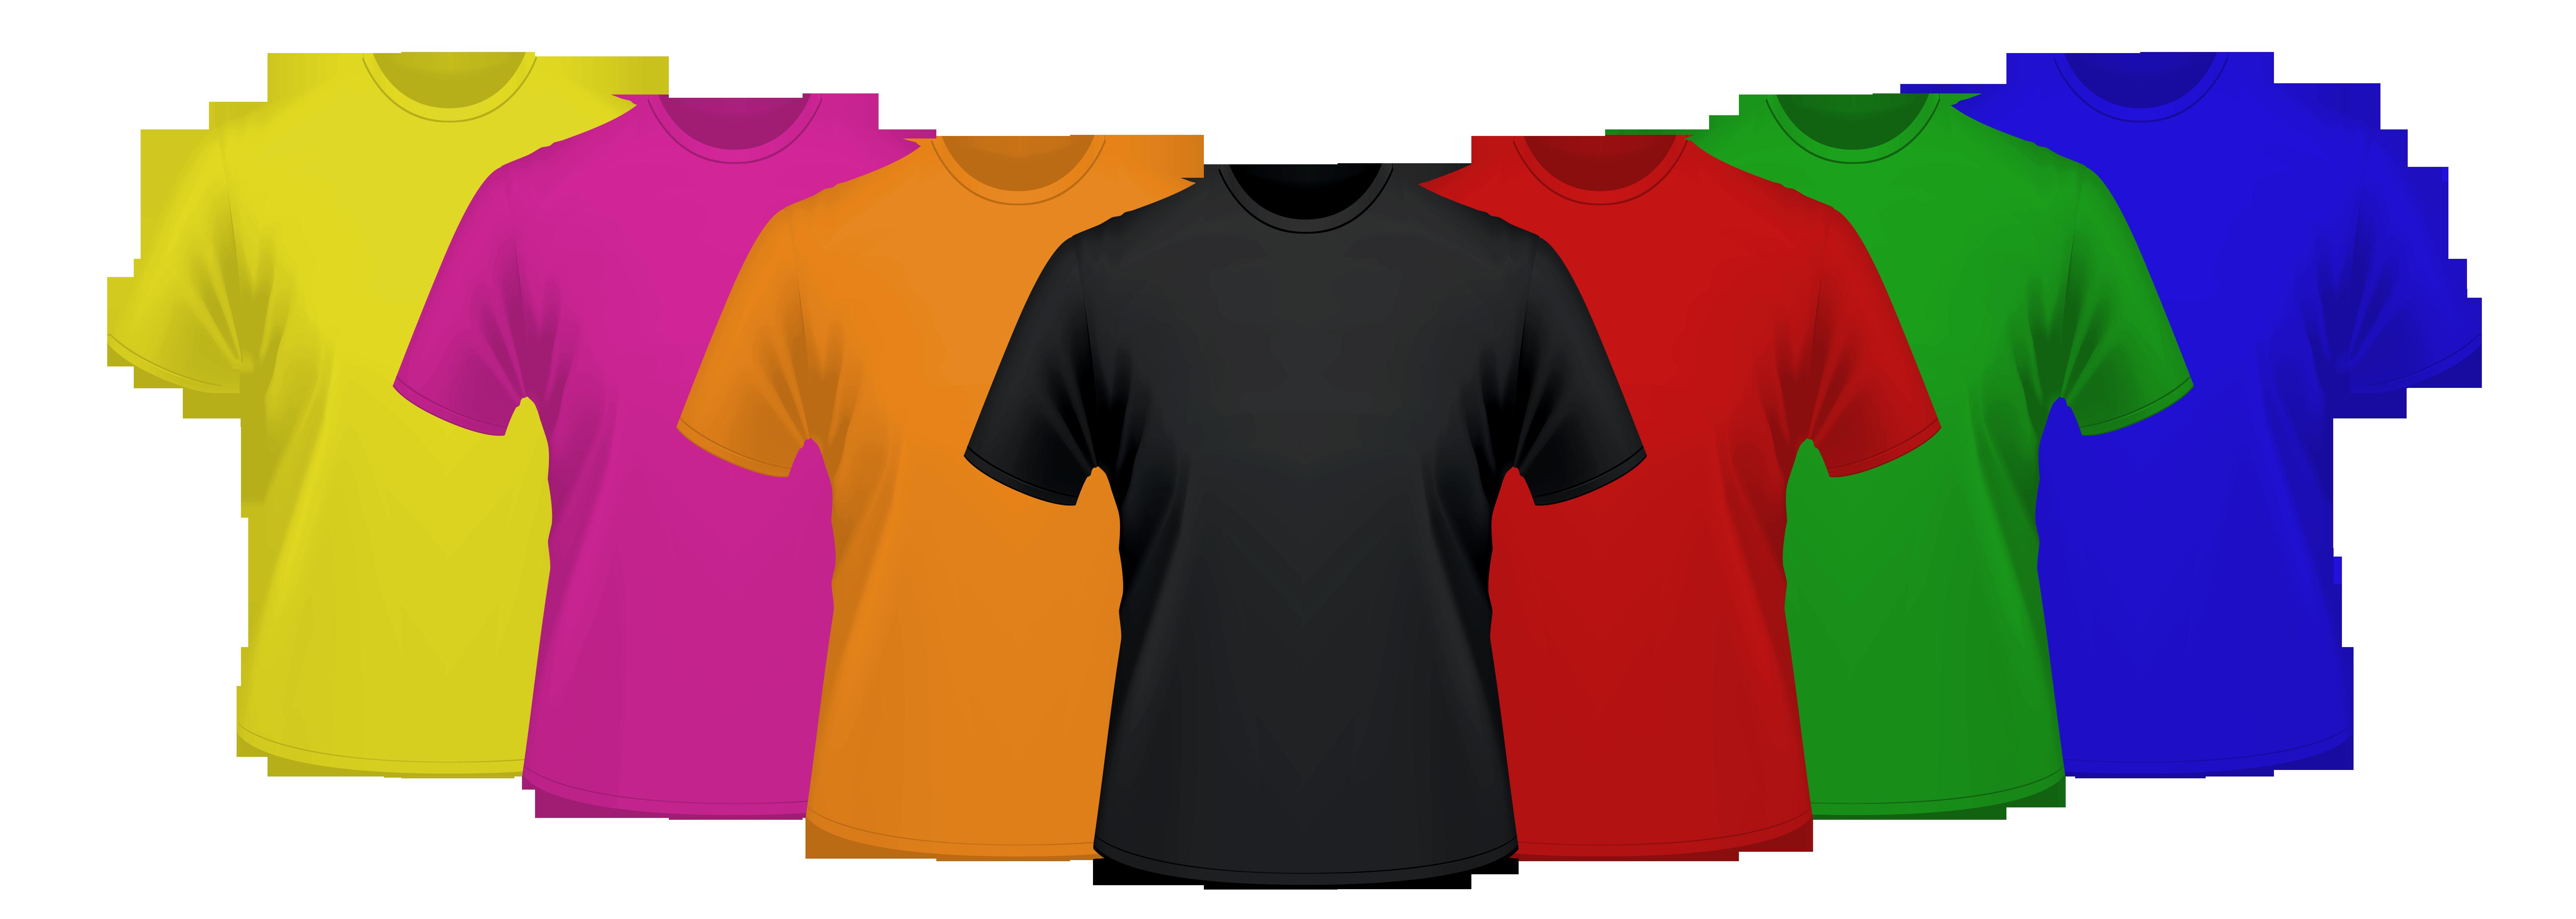 come scegliere magliette personalizzate online